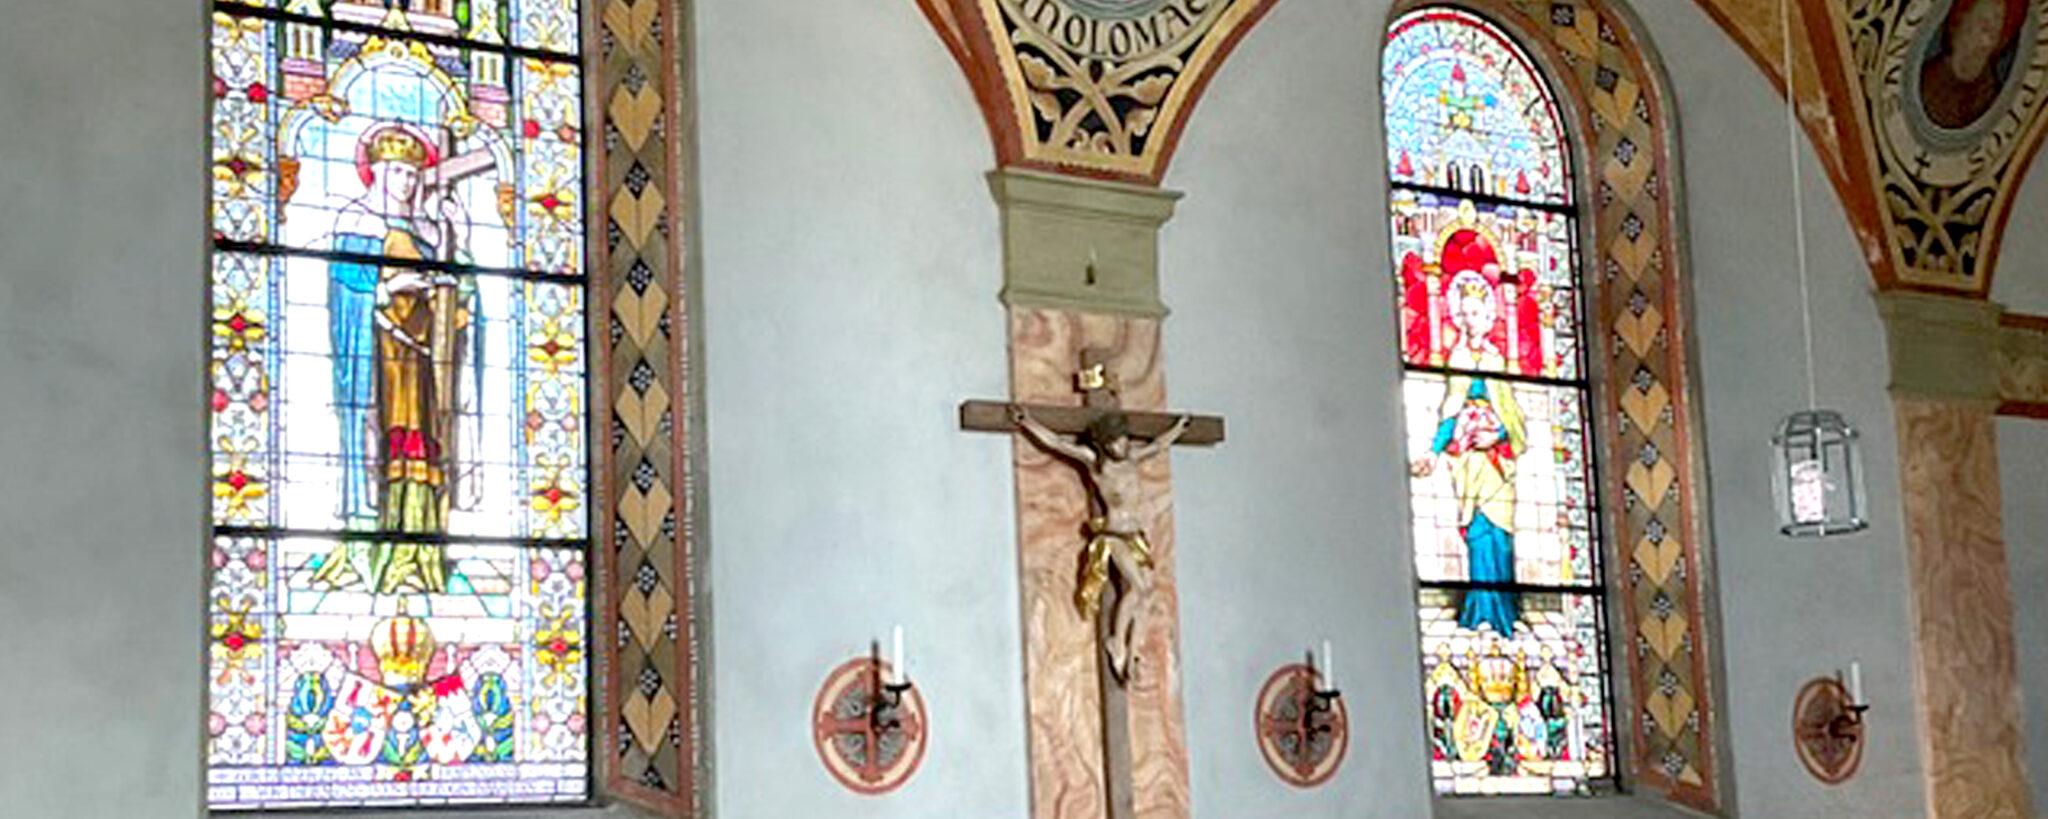 Vorlage_Kirche_4